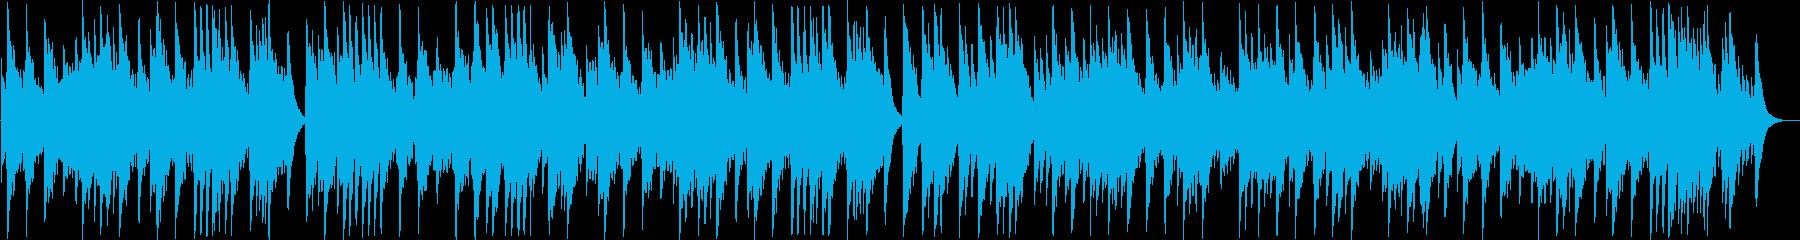 愛の喜び/マルティーニ(オルゴール)の再生済みの波形